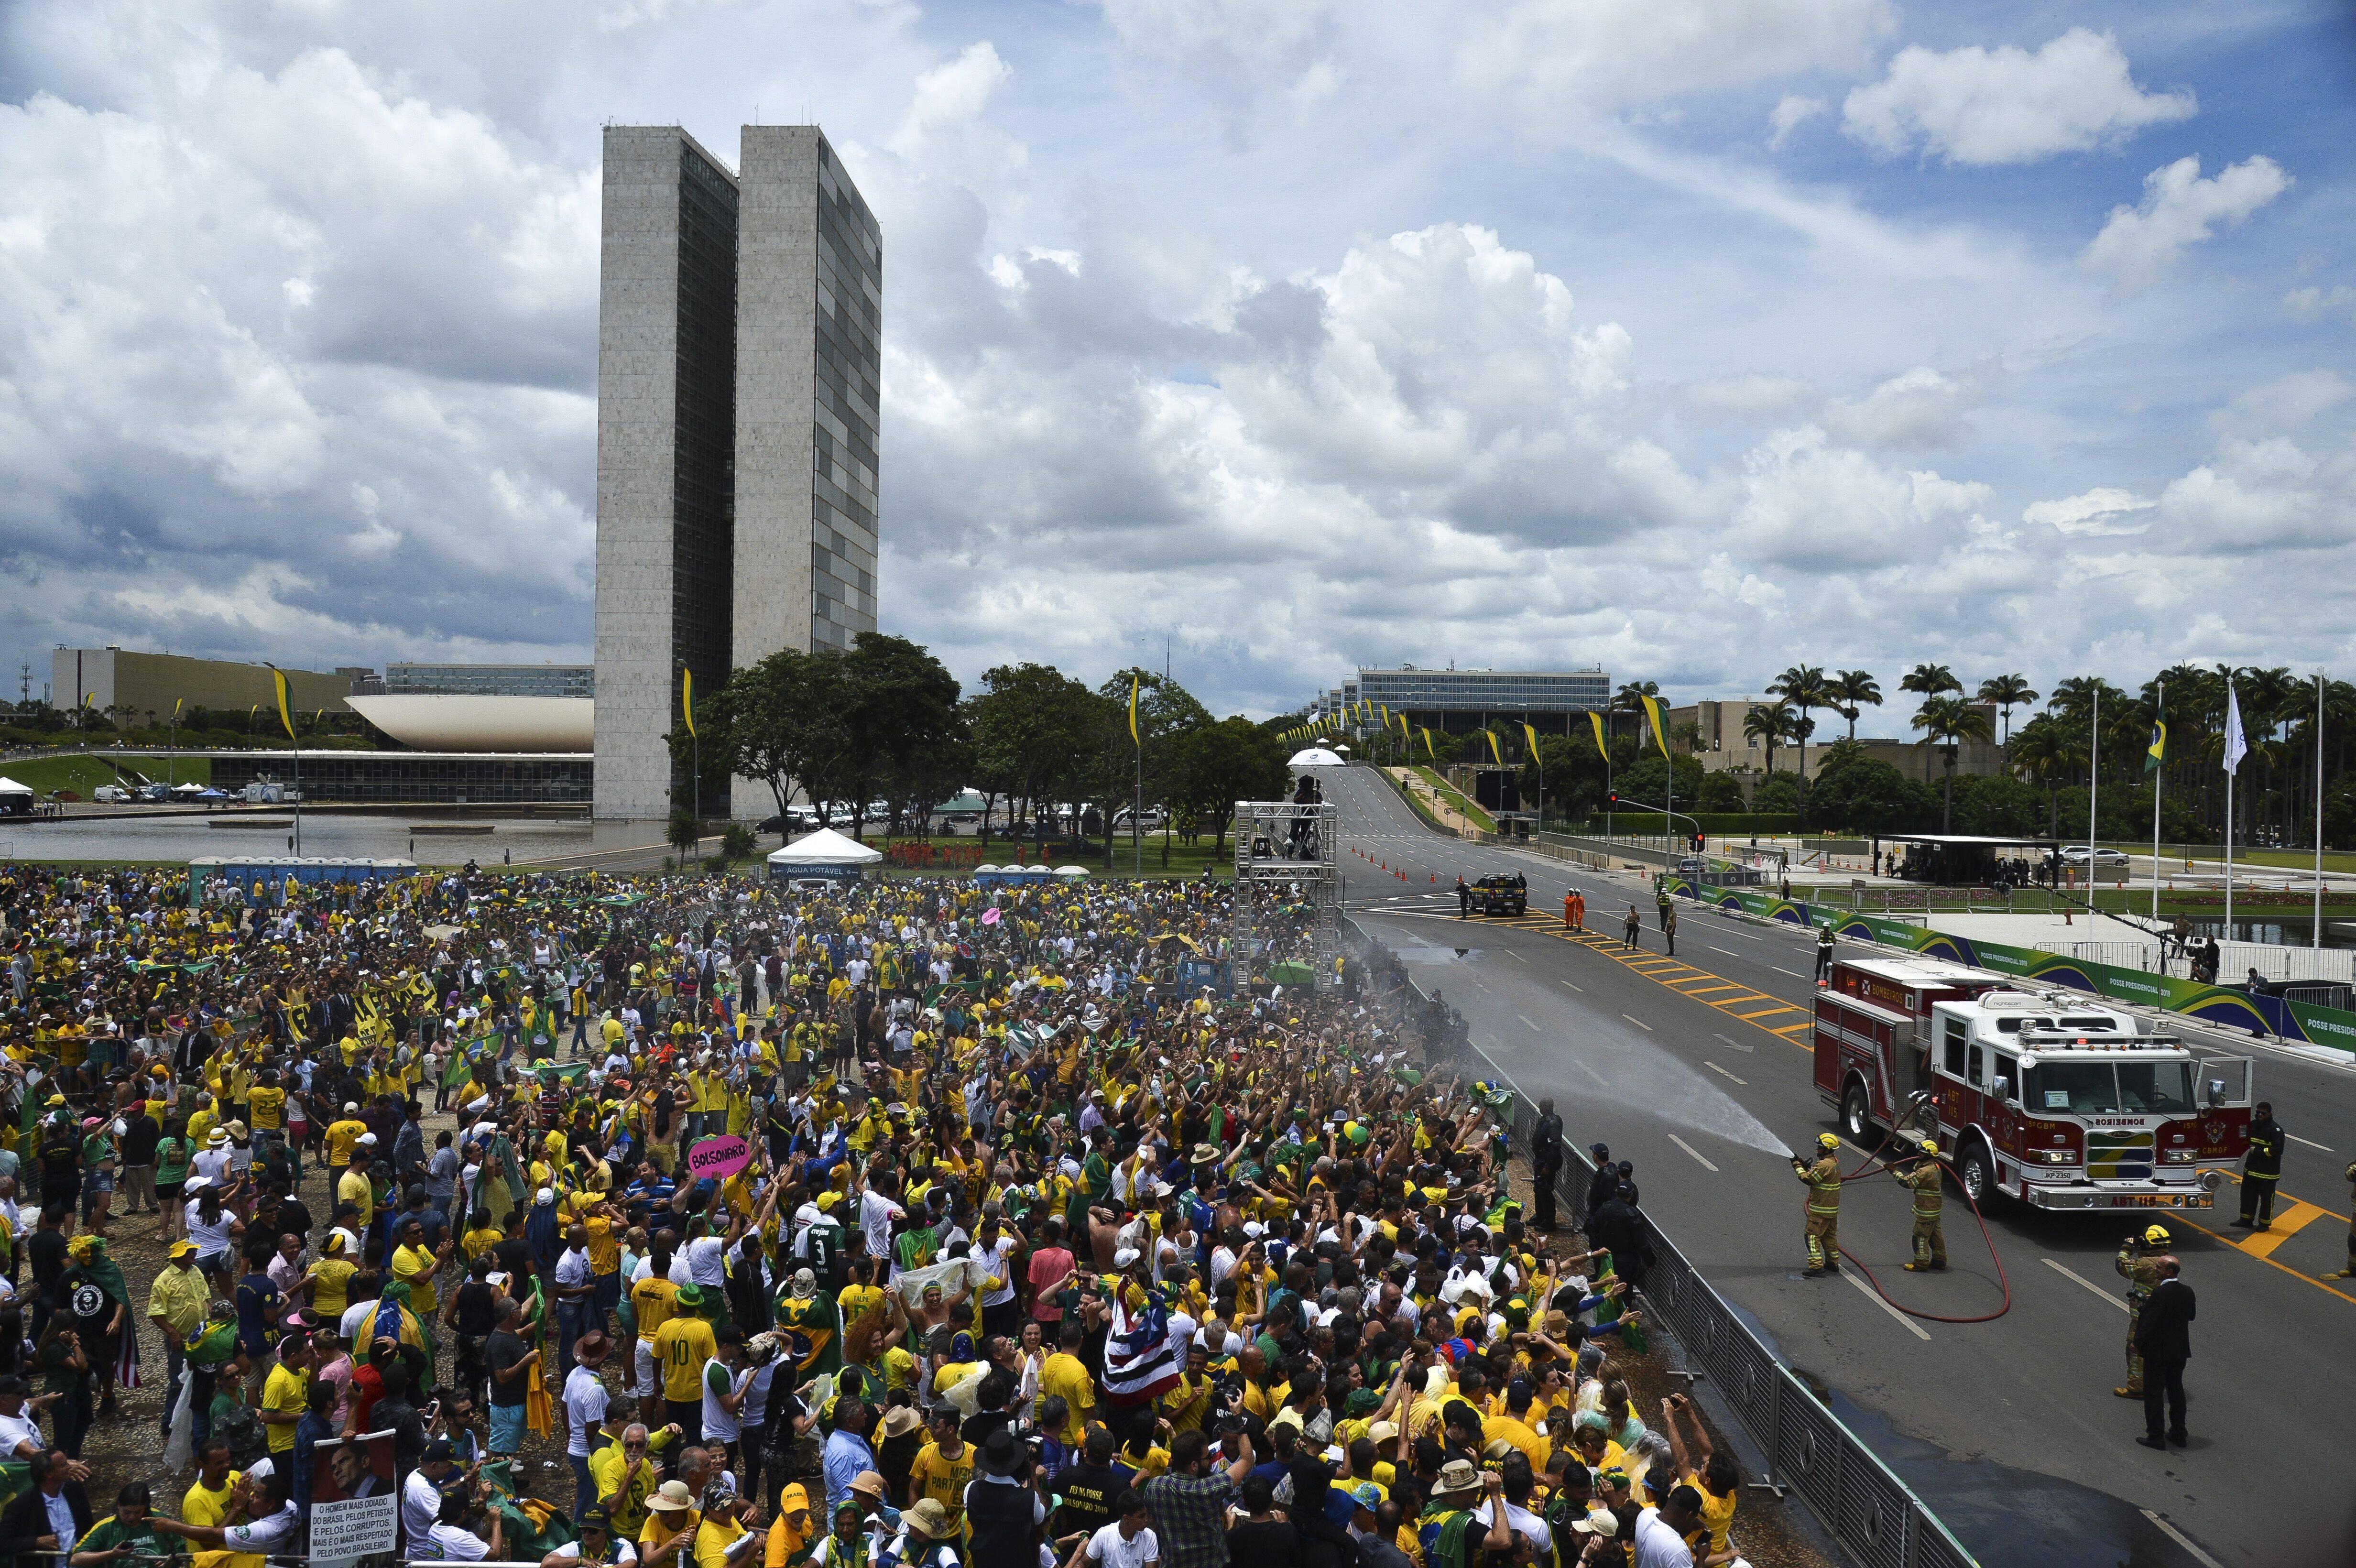 Jatos de água refrescam o público que aguarda a cerimônia de posse . Foto: Marcelo Camargo/Agência Brasil - 1.1.19